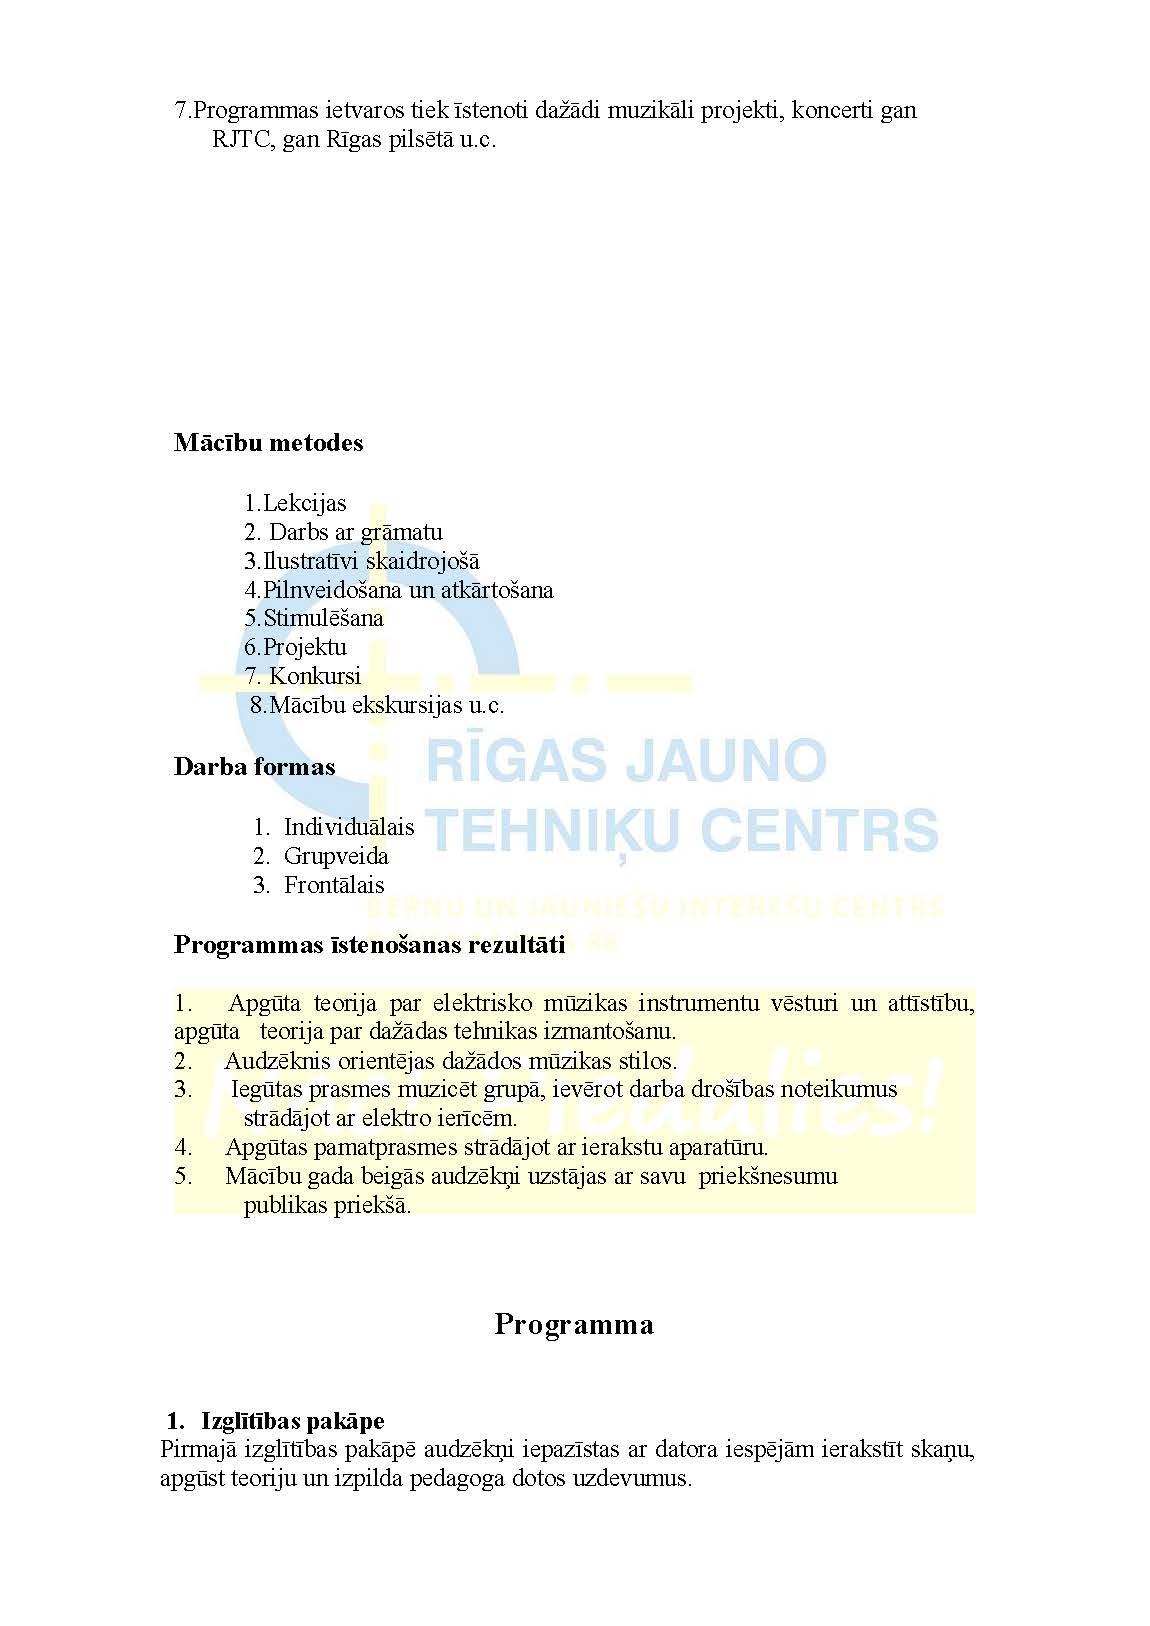 skanu_programma-3